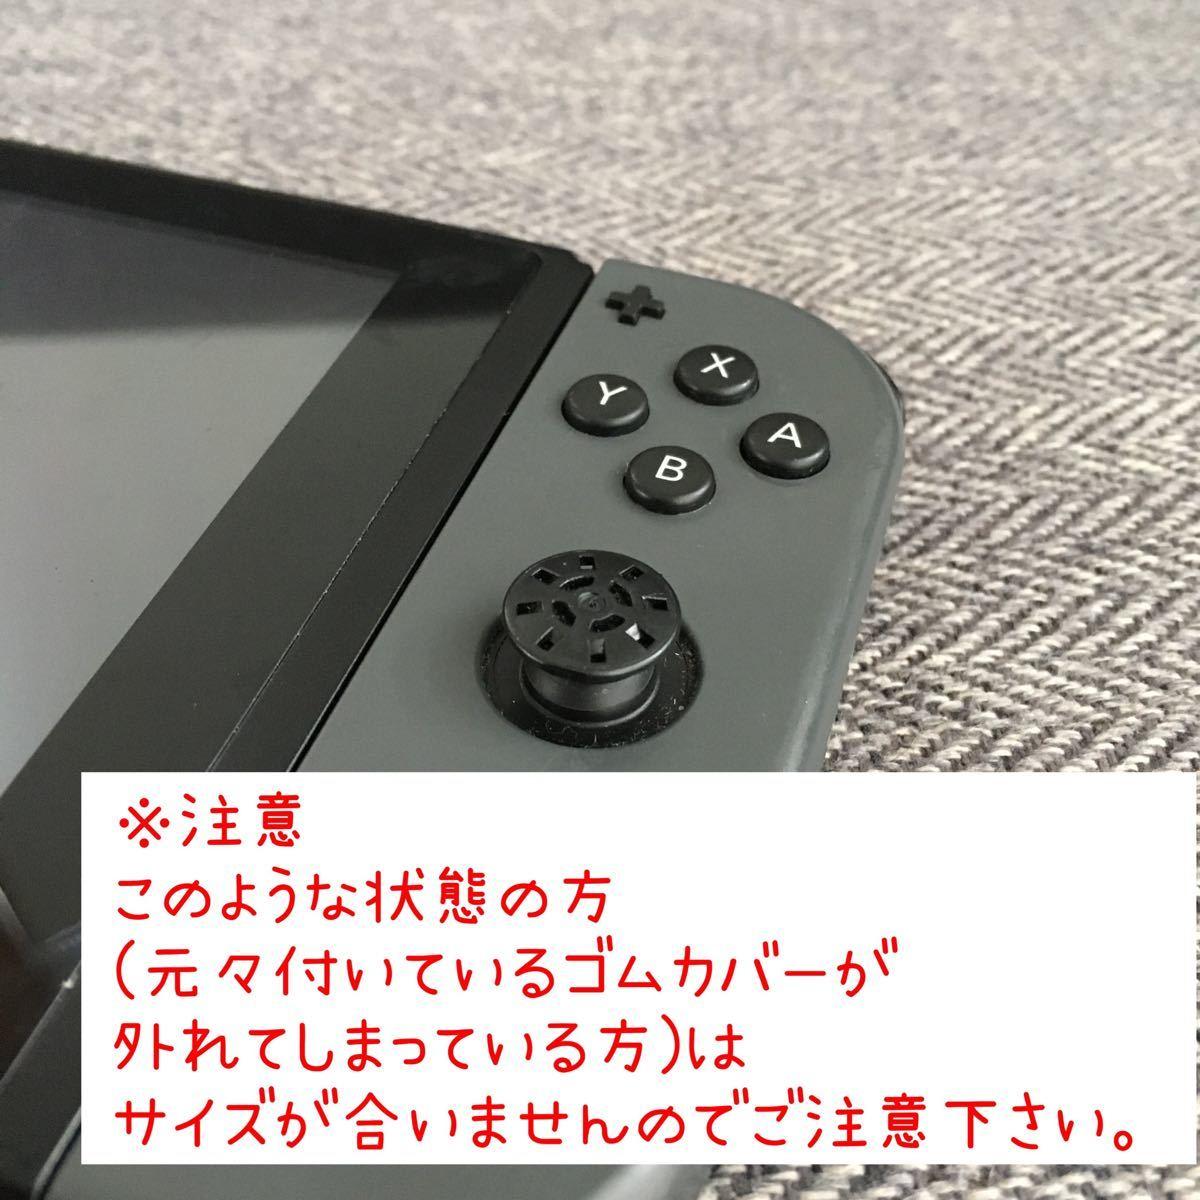 肉球 Switch スイッチ ジョイコン スティックカバー 4個セット